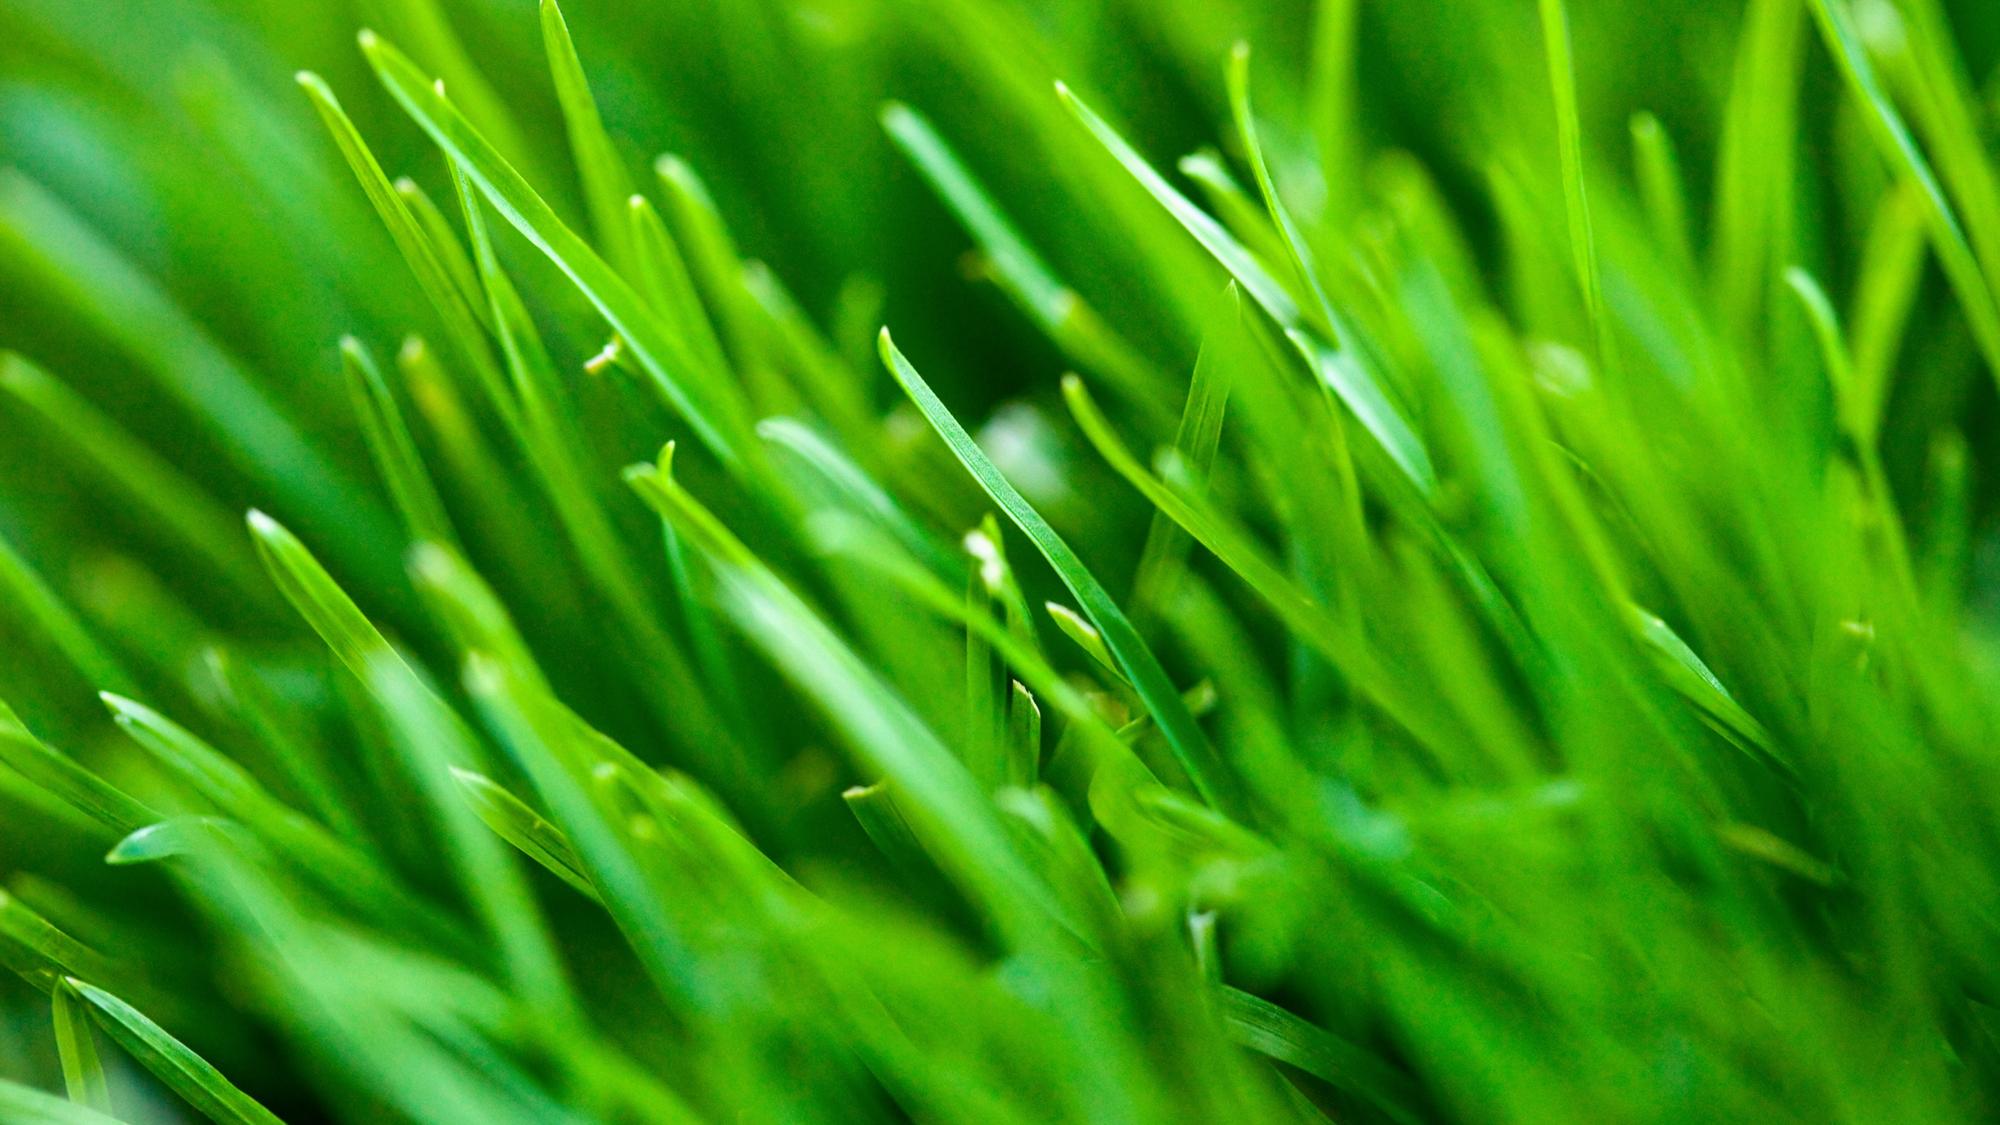 VG_grass_2880x1800.jpg